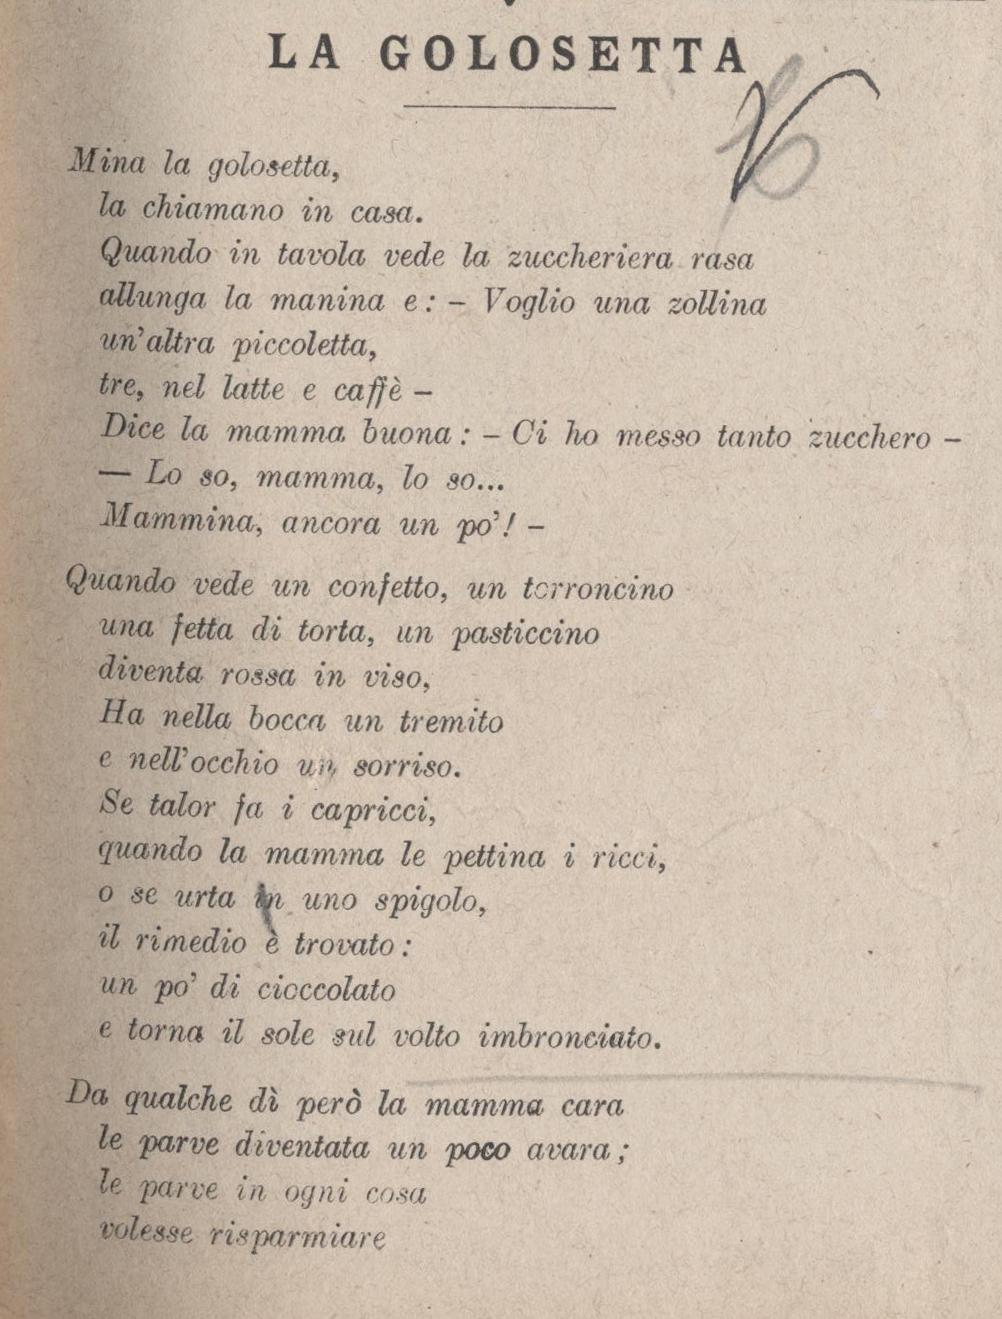 Novellino 1917 golosetta primo